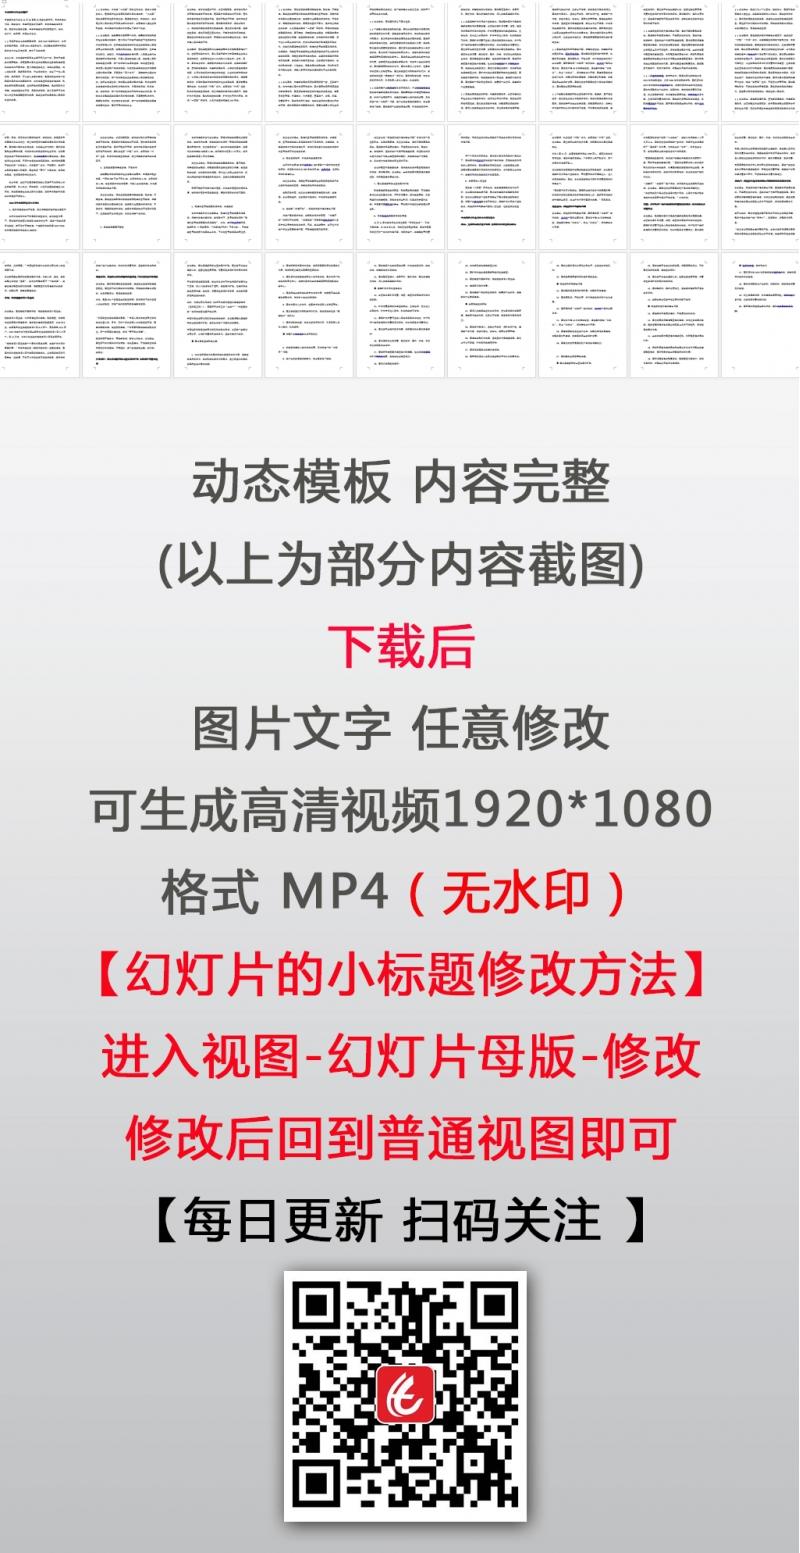 2021中央经济工作会议精神学习解读PPT